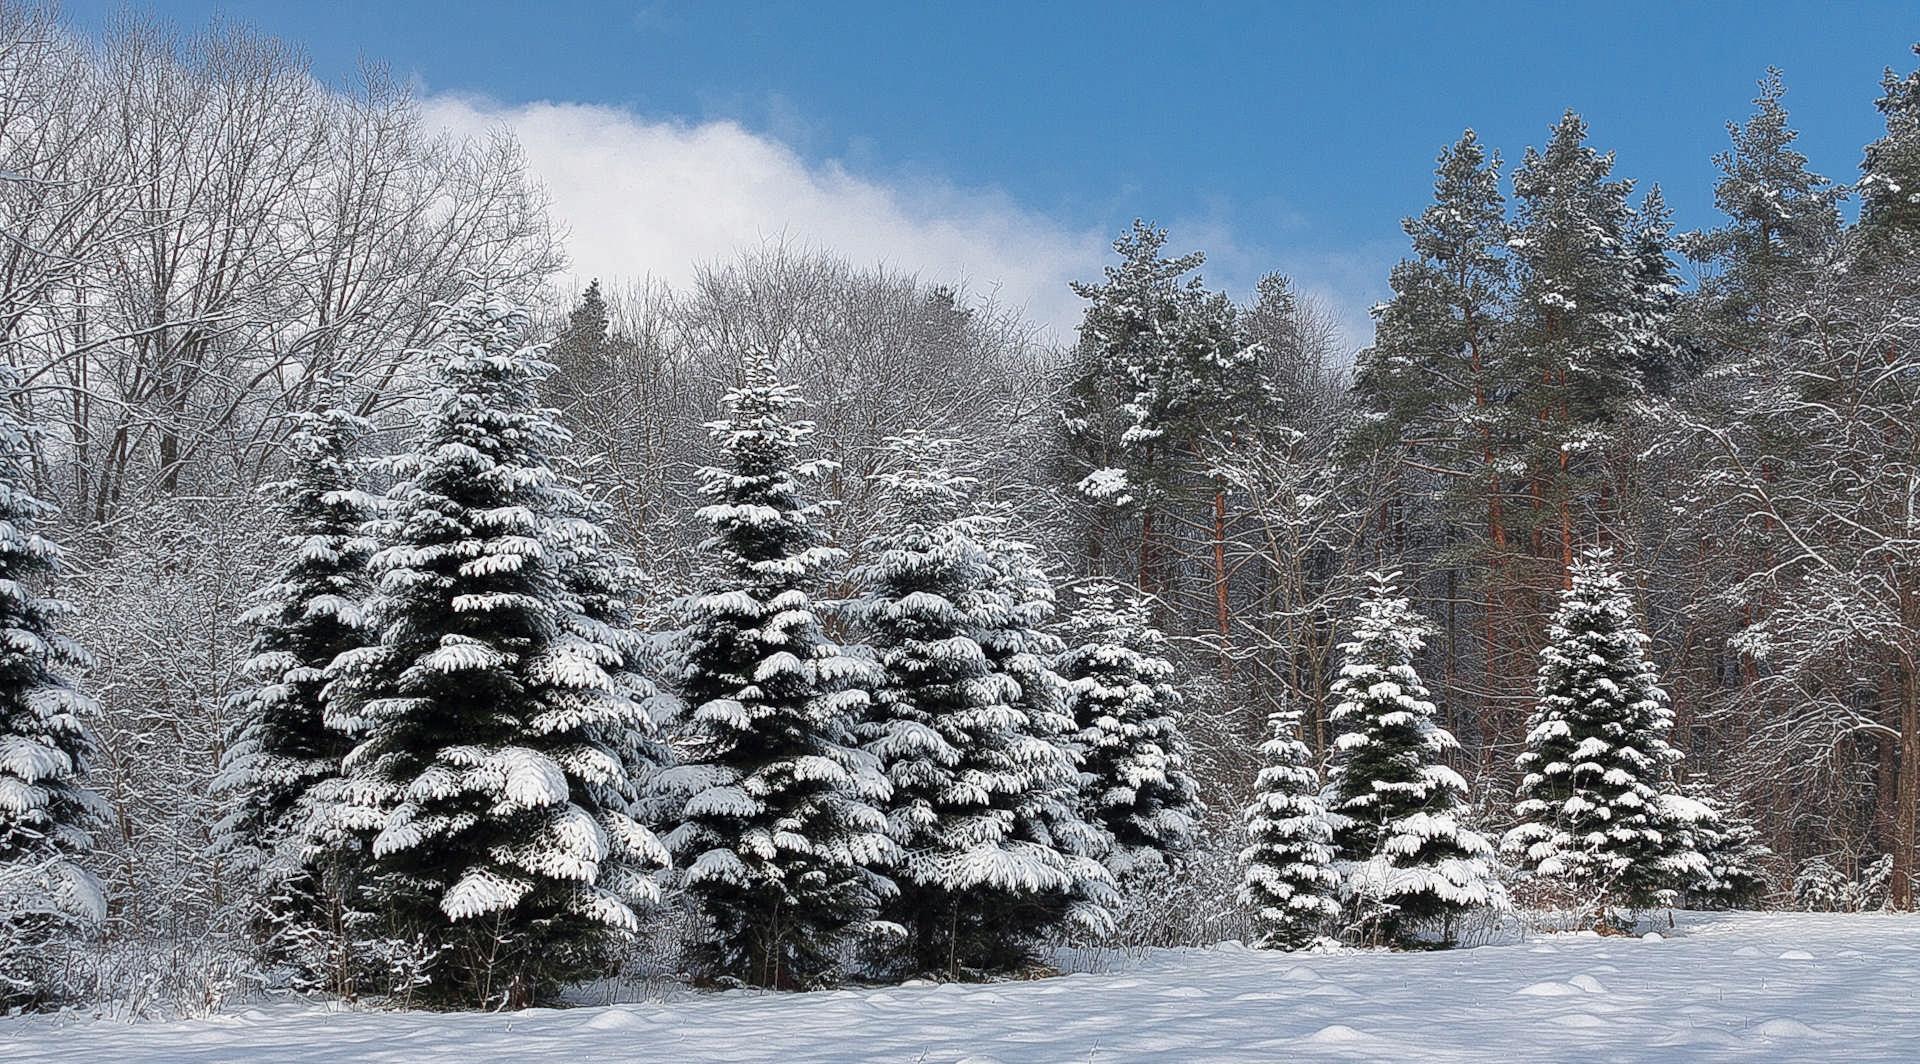 АМС: обнаруженные в Дендрарии снежные блохи абсолютно безвредны